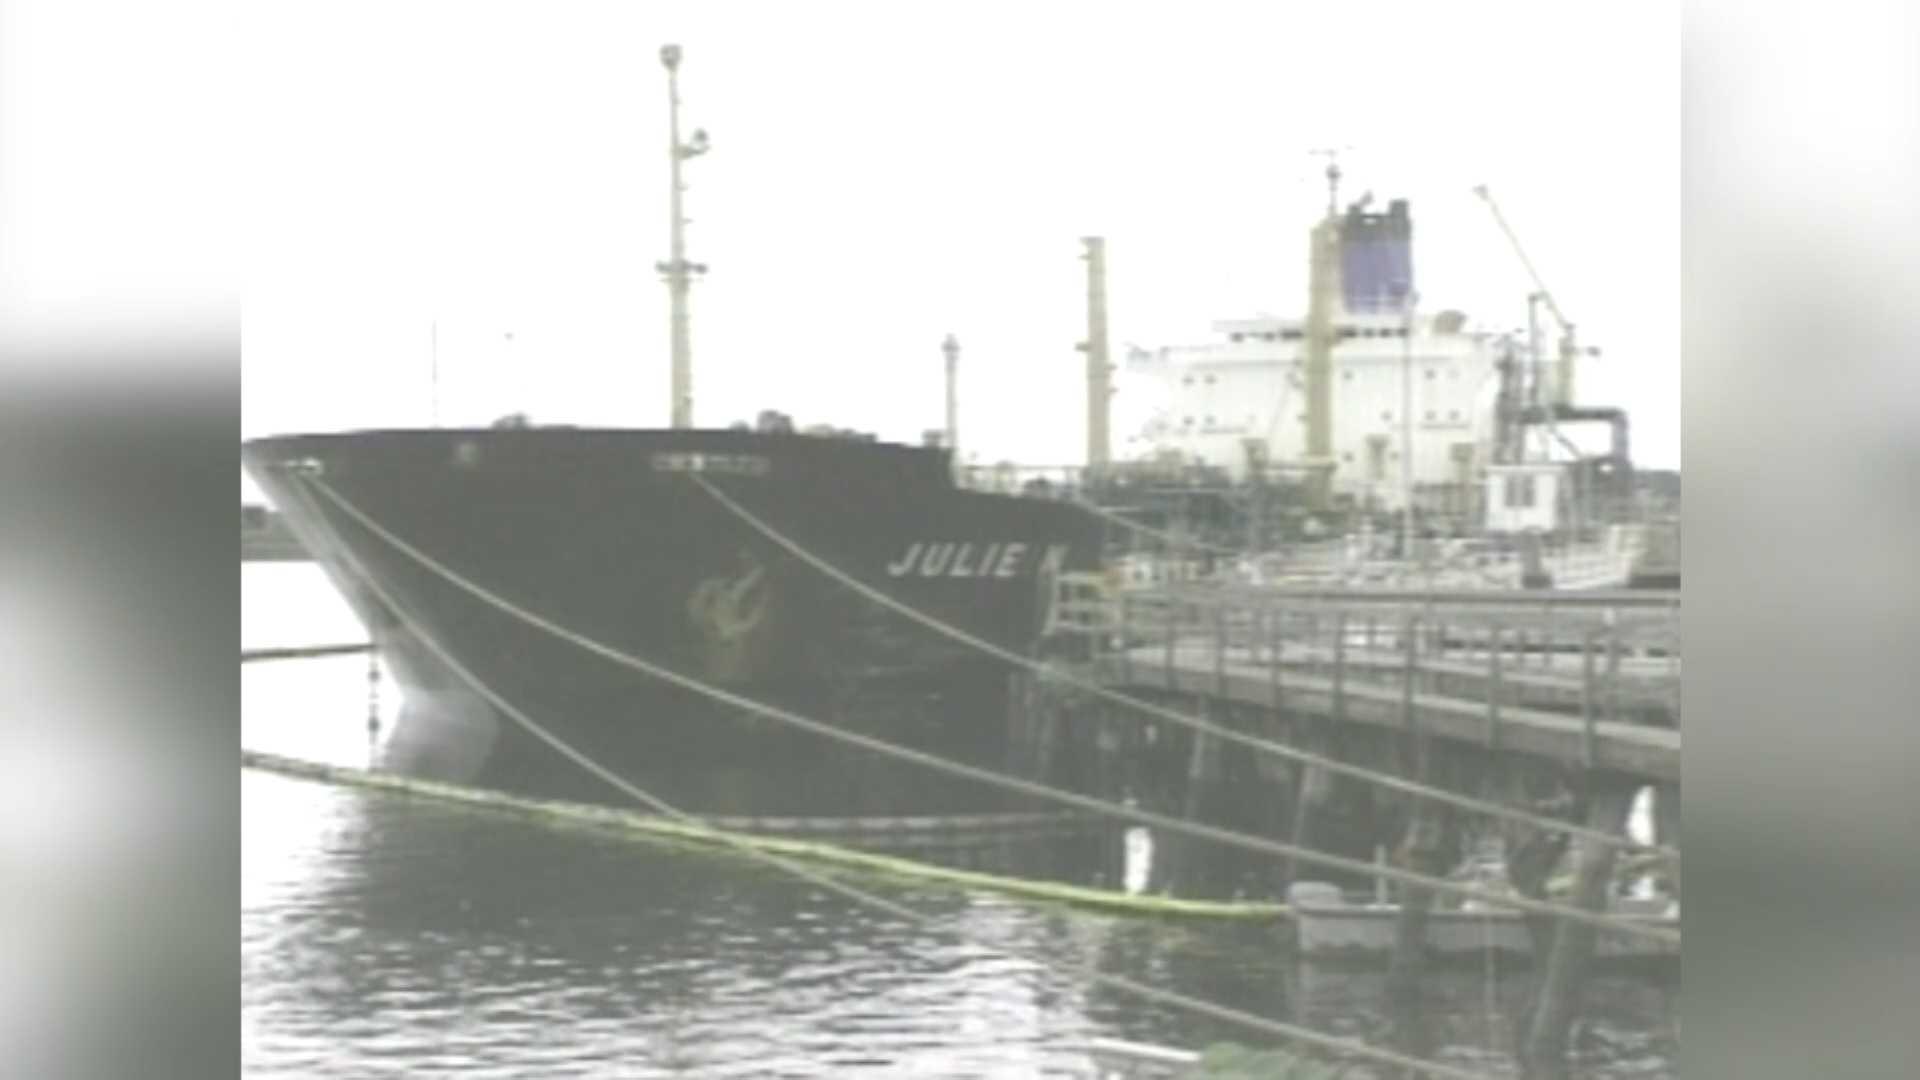 Julie N Oil Spill